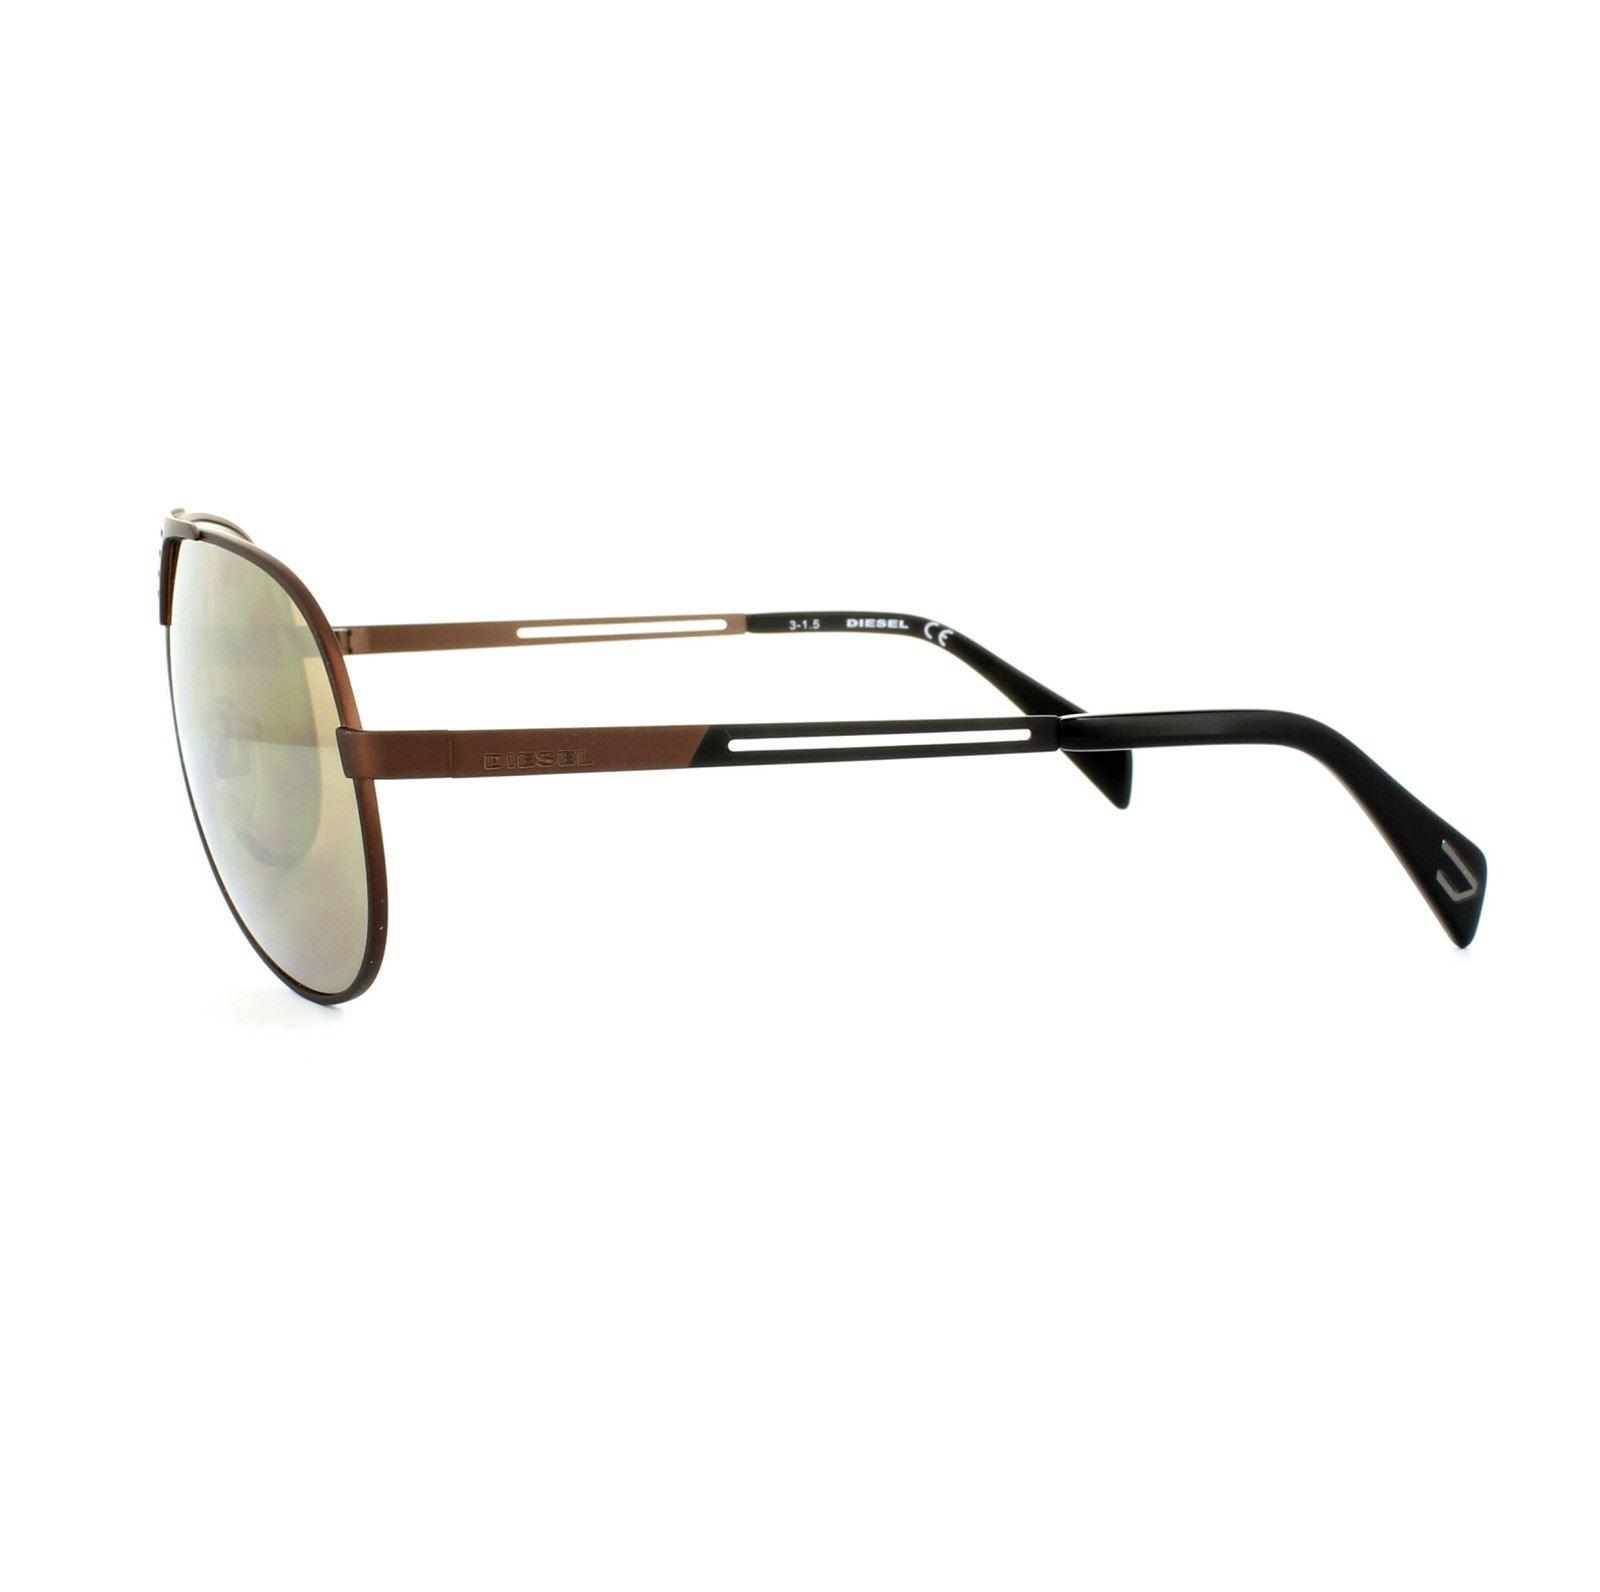 Diesel Sunglasses DL0134 36L Shiny Dark Bronze Roviex Brown Mirror